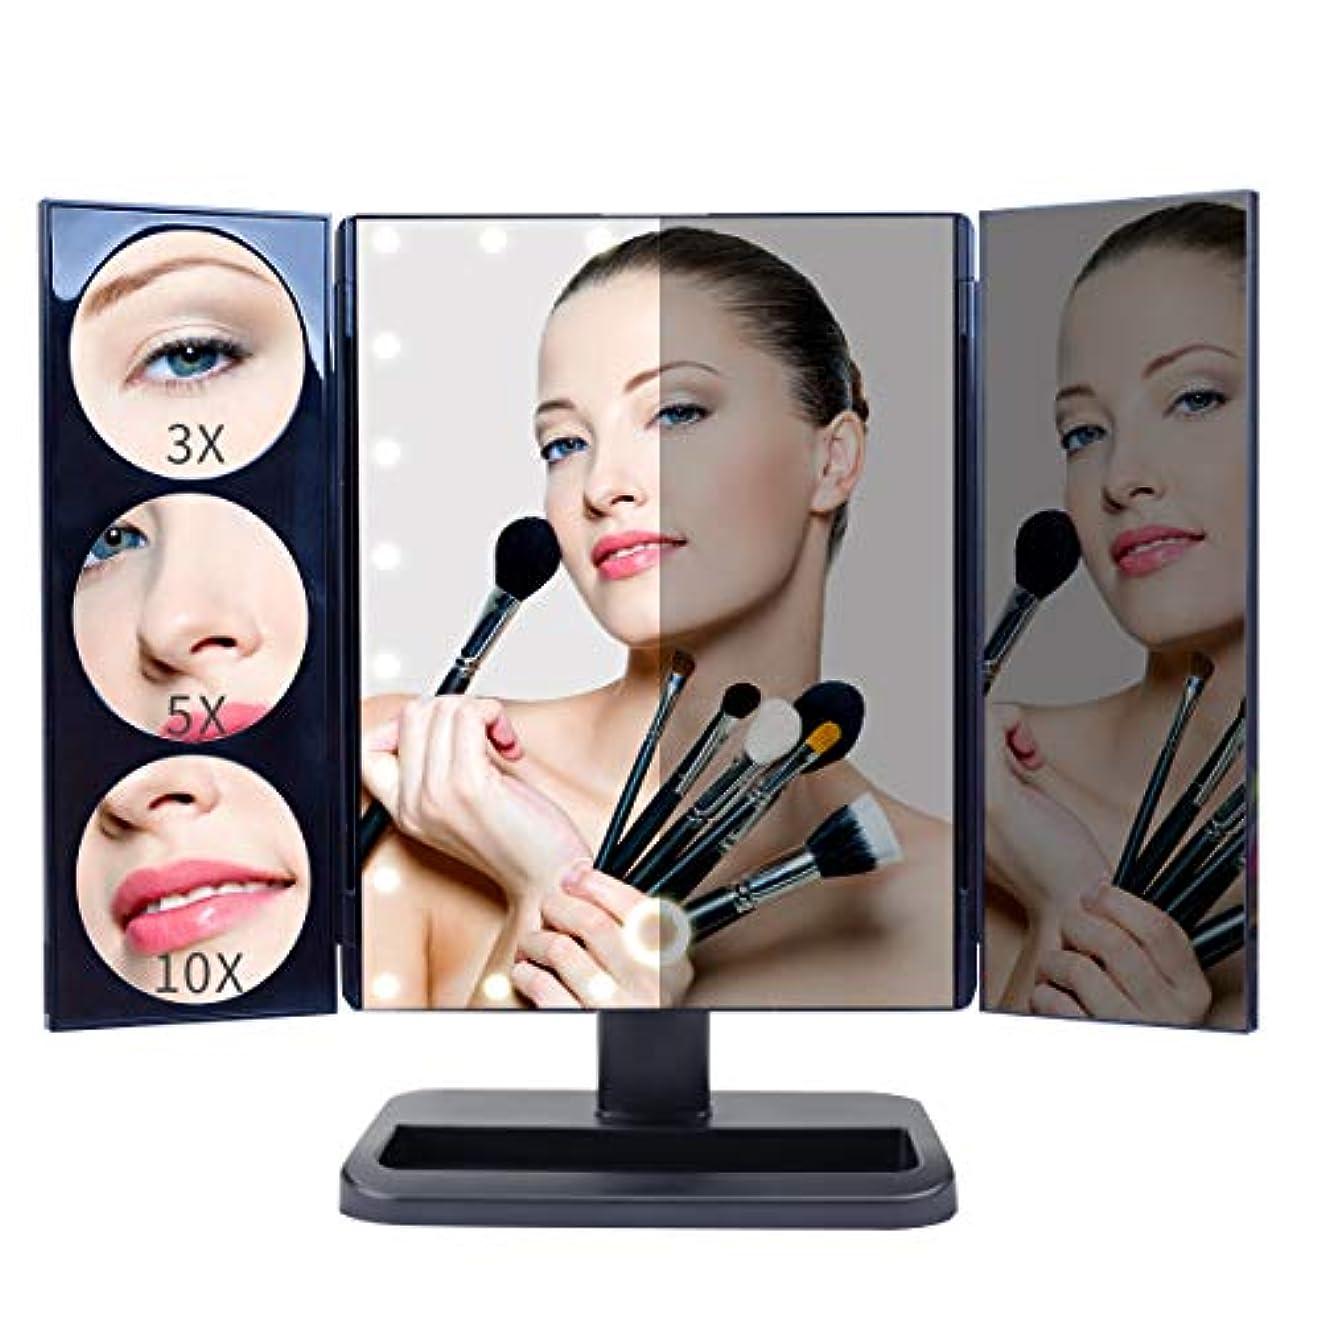 採用する妥協に関してBRIAN & DANY 化粧鏡 化粧ミラー 鏡 三面鏡 ー 卓上 24個のLEDライト 折りたたみ 拡大鏡 3倍 5倍 10倍 明るさ調節可能 180°回転 電池&USB